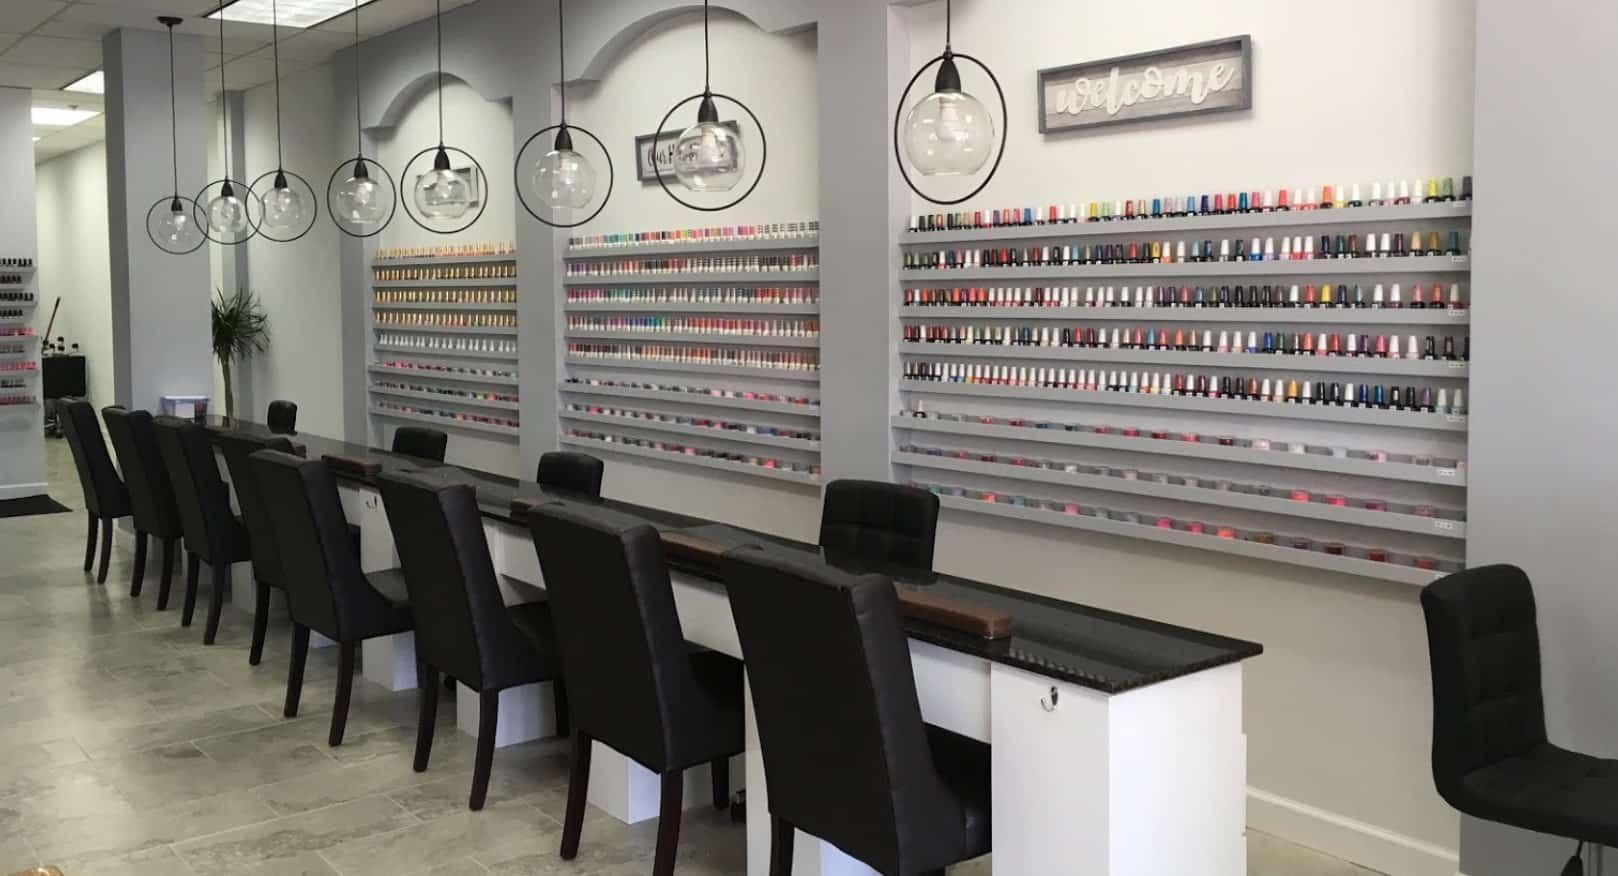 Cần tuyển thợ nail local tại Columbus, OH-43240